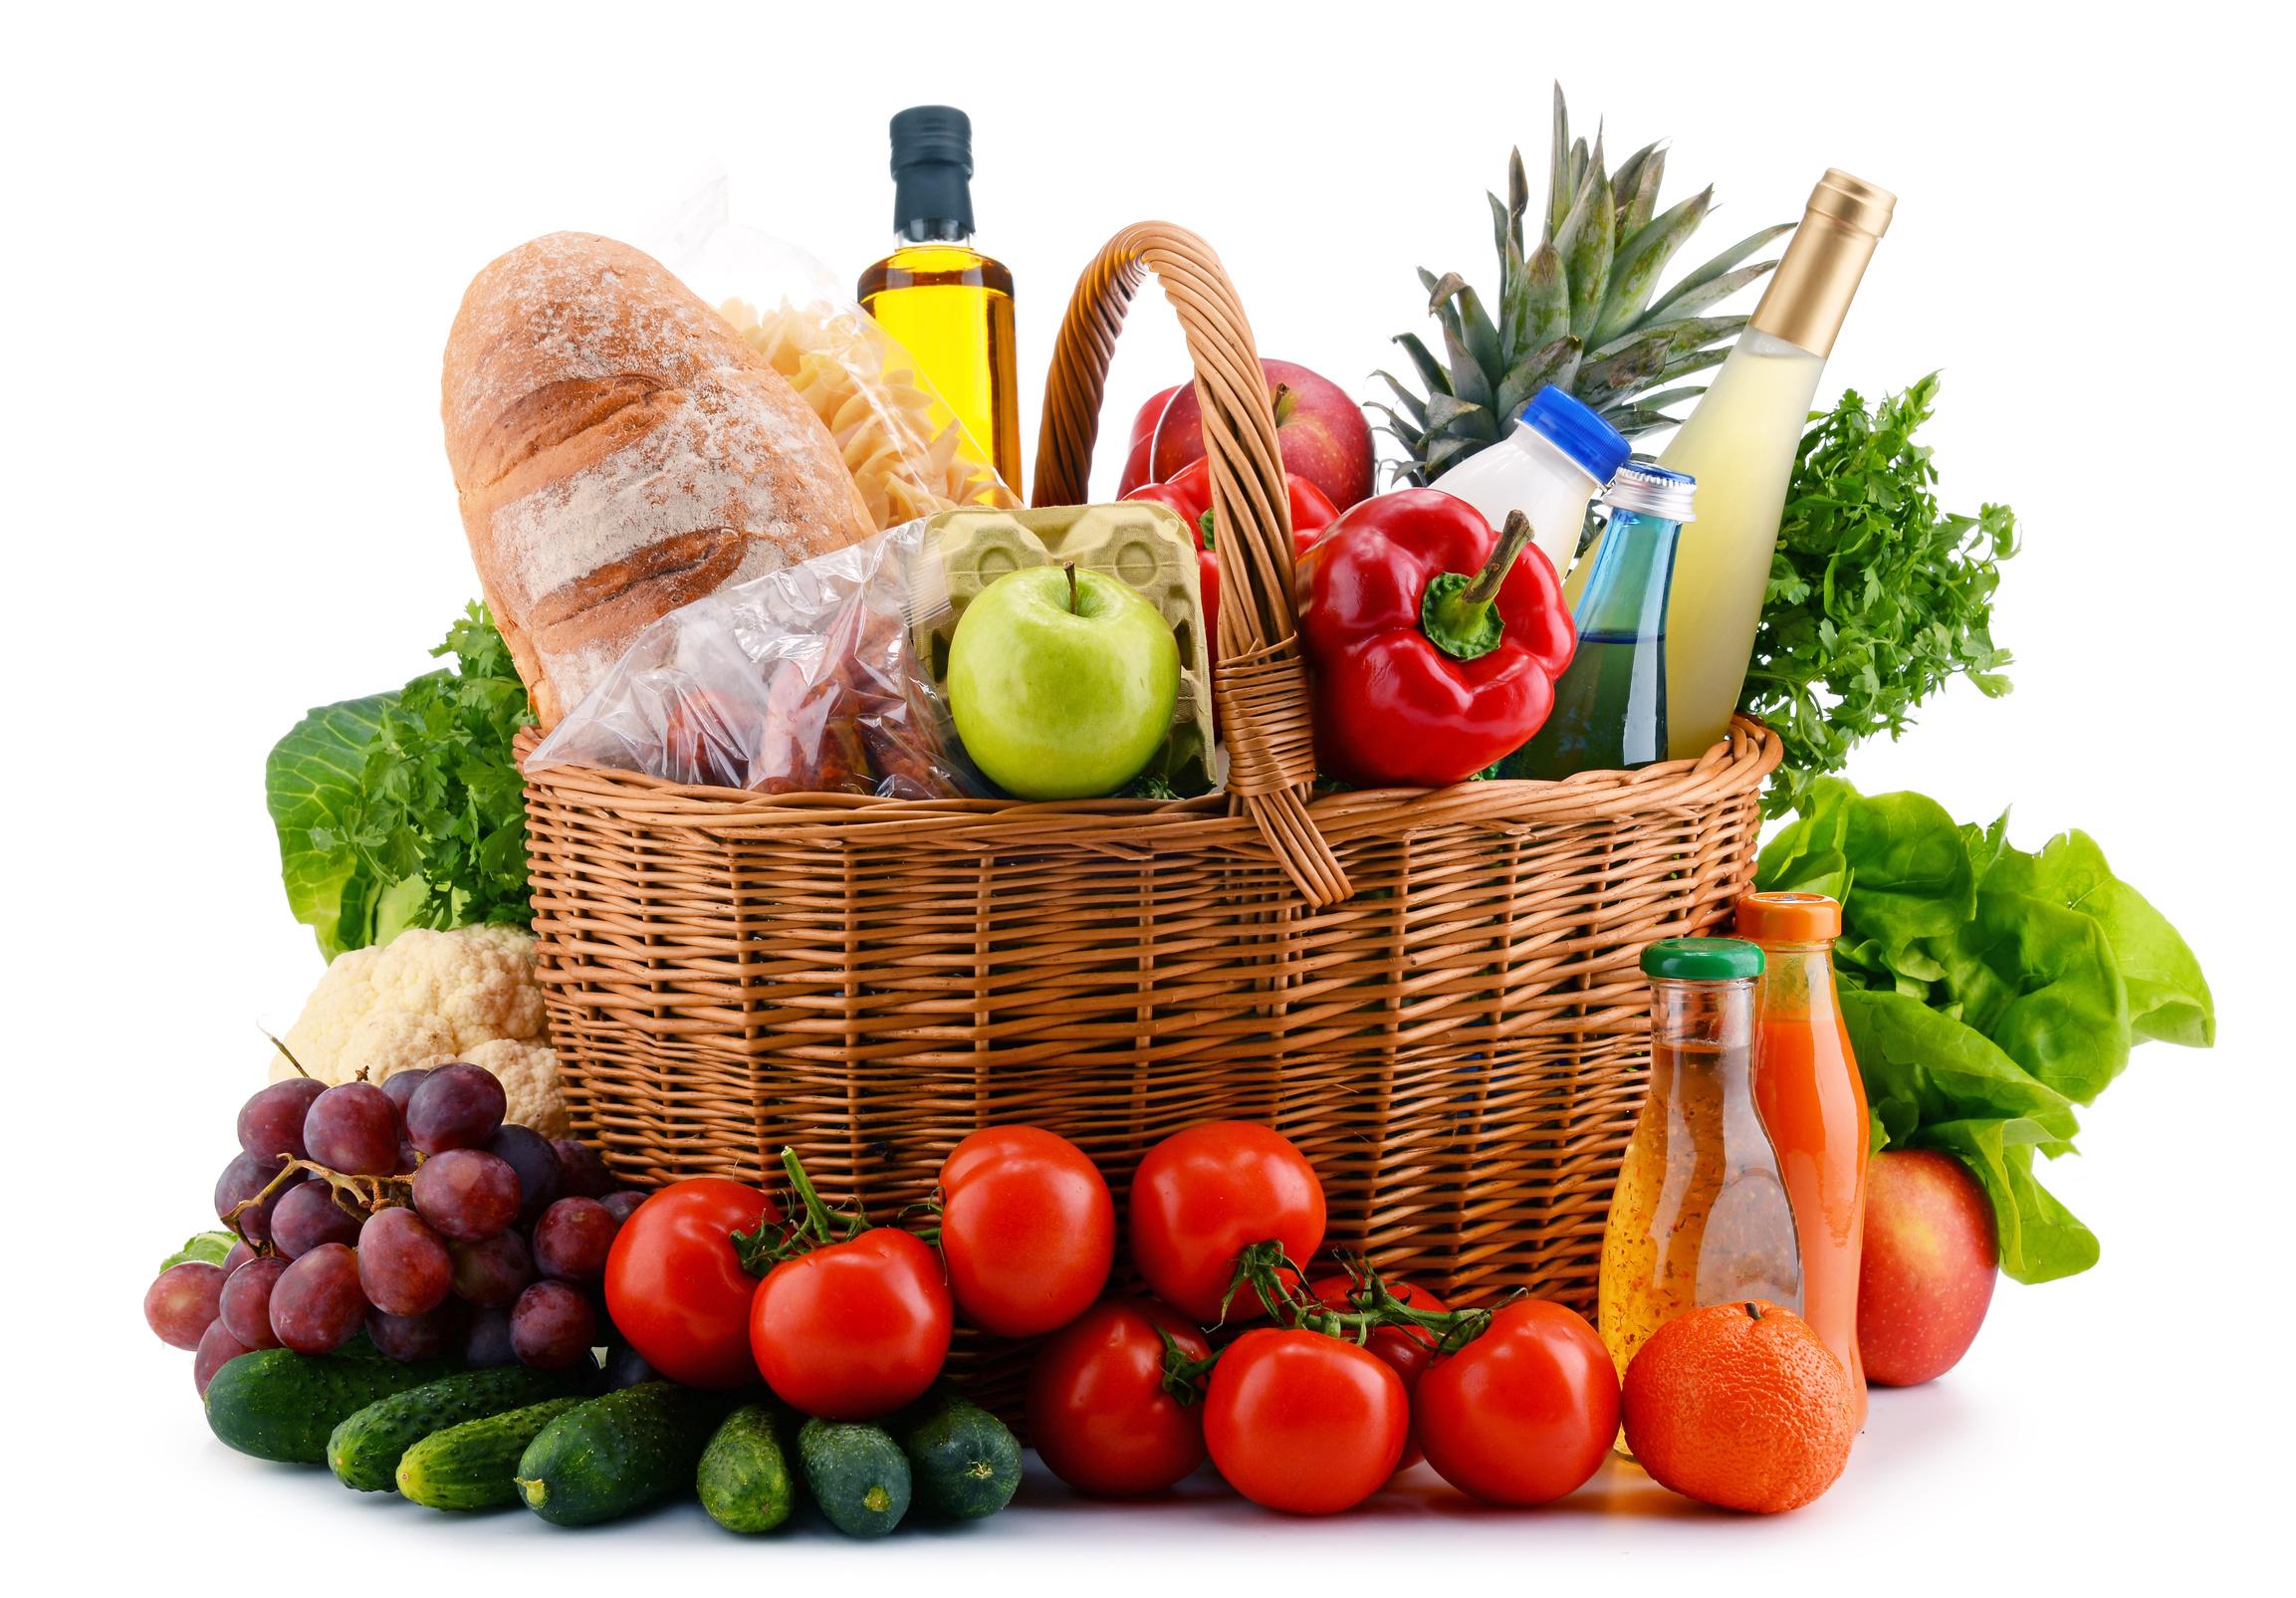 Großbritannien: Geschäftsreise Lebensmittel allgemein, London, 24. – 26. September 2018